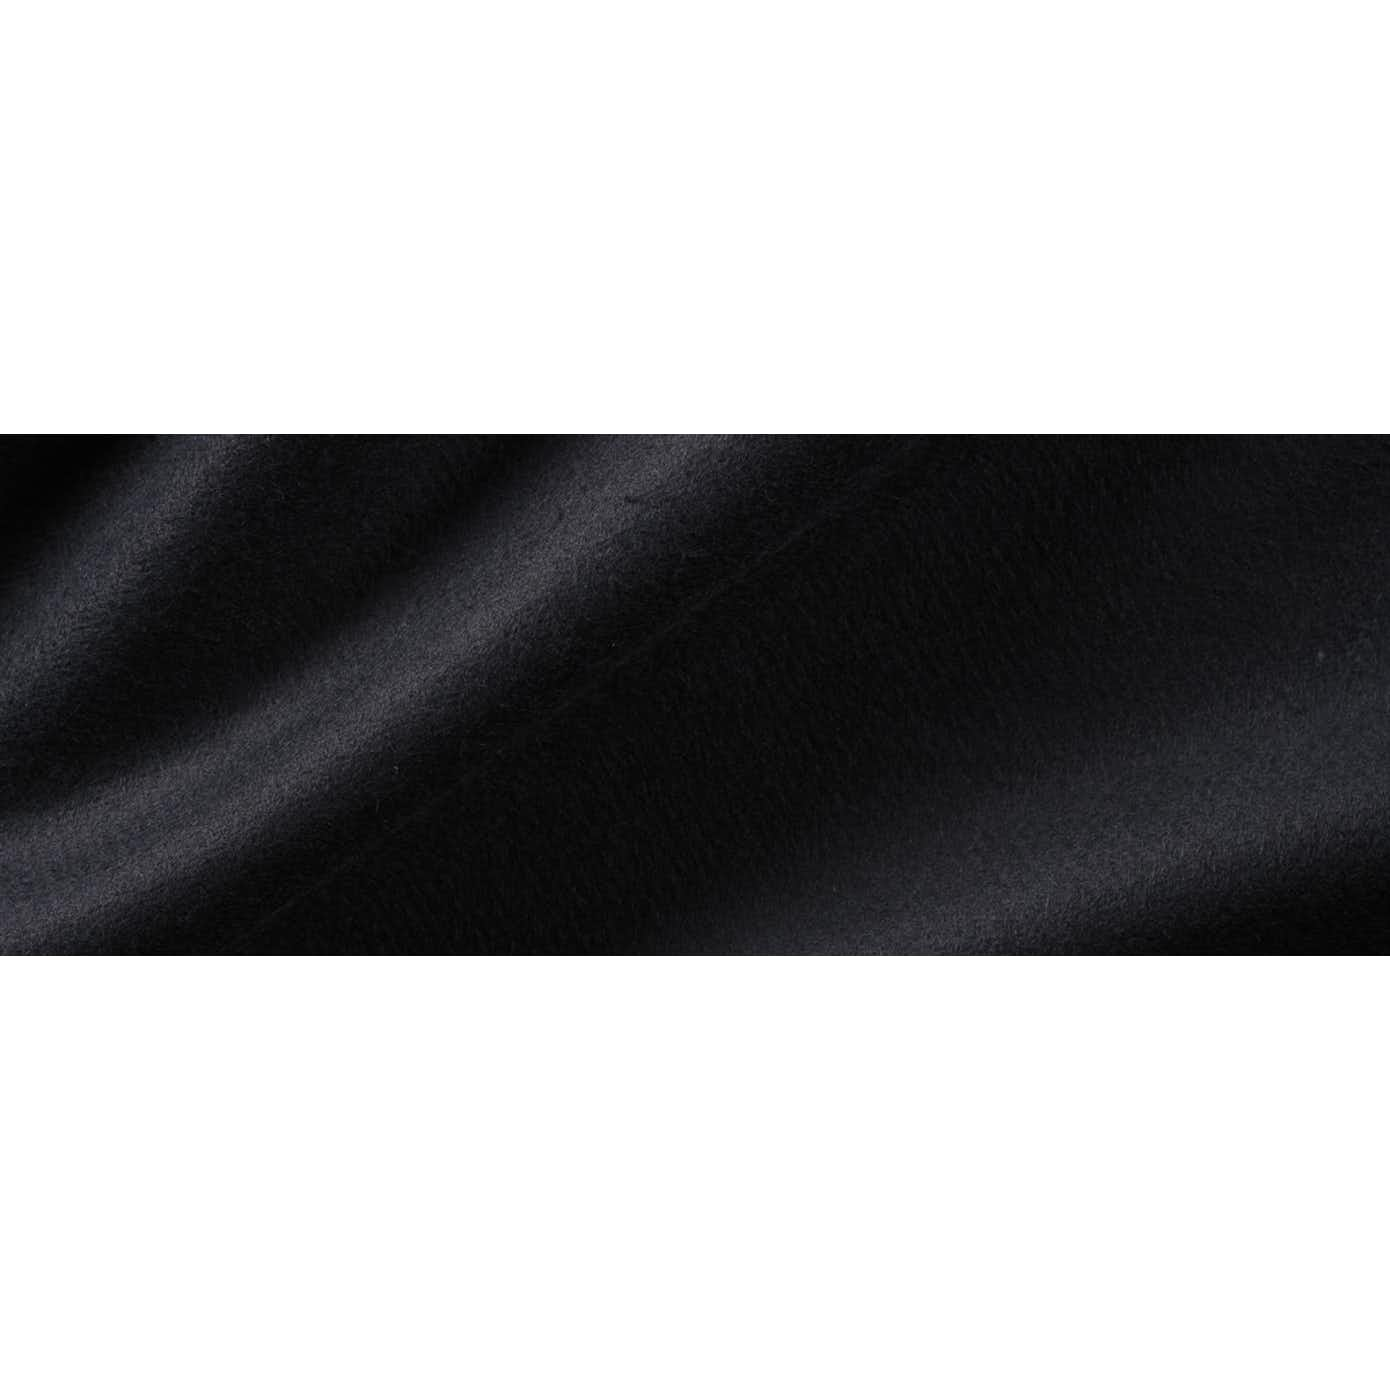 Molton 1m x 3m Sort 300g (Løbende meter)